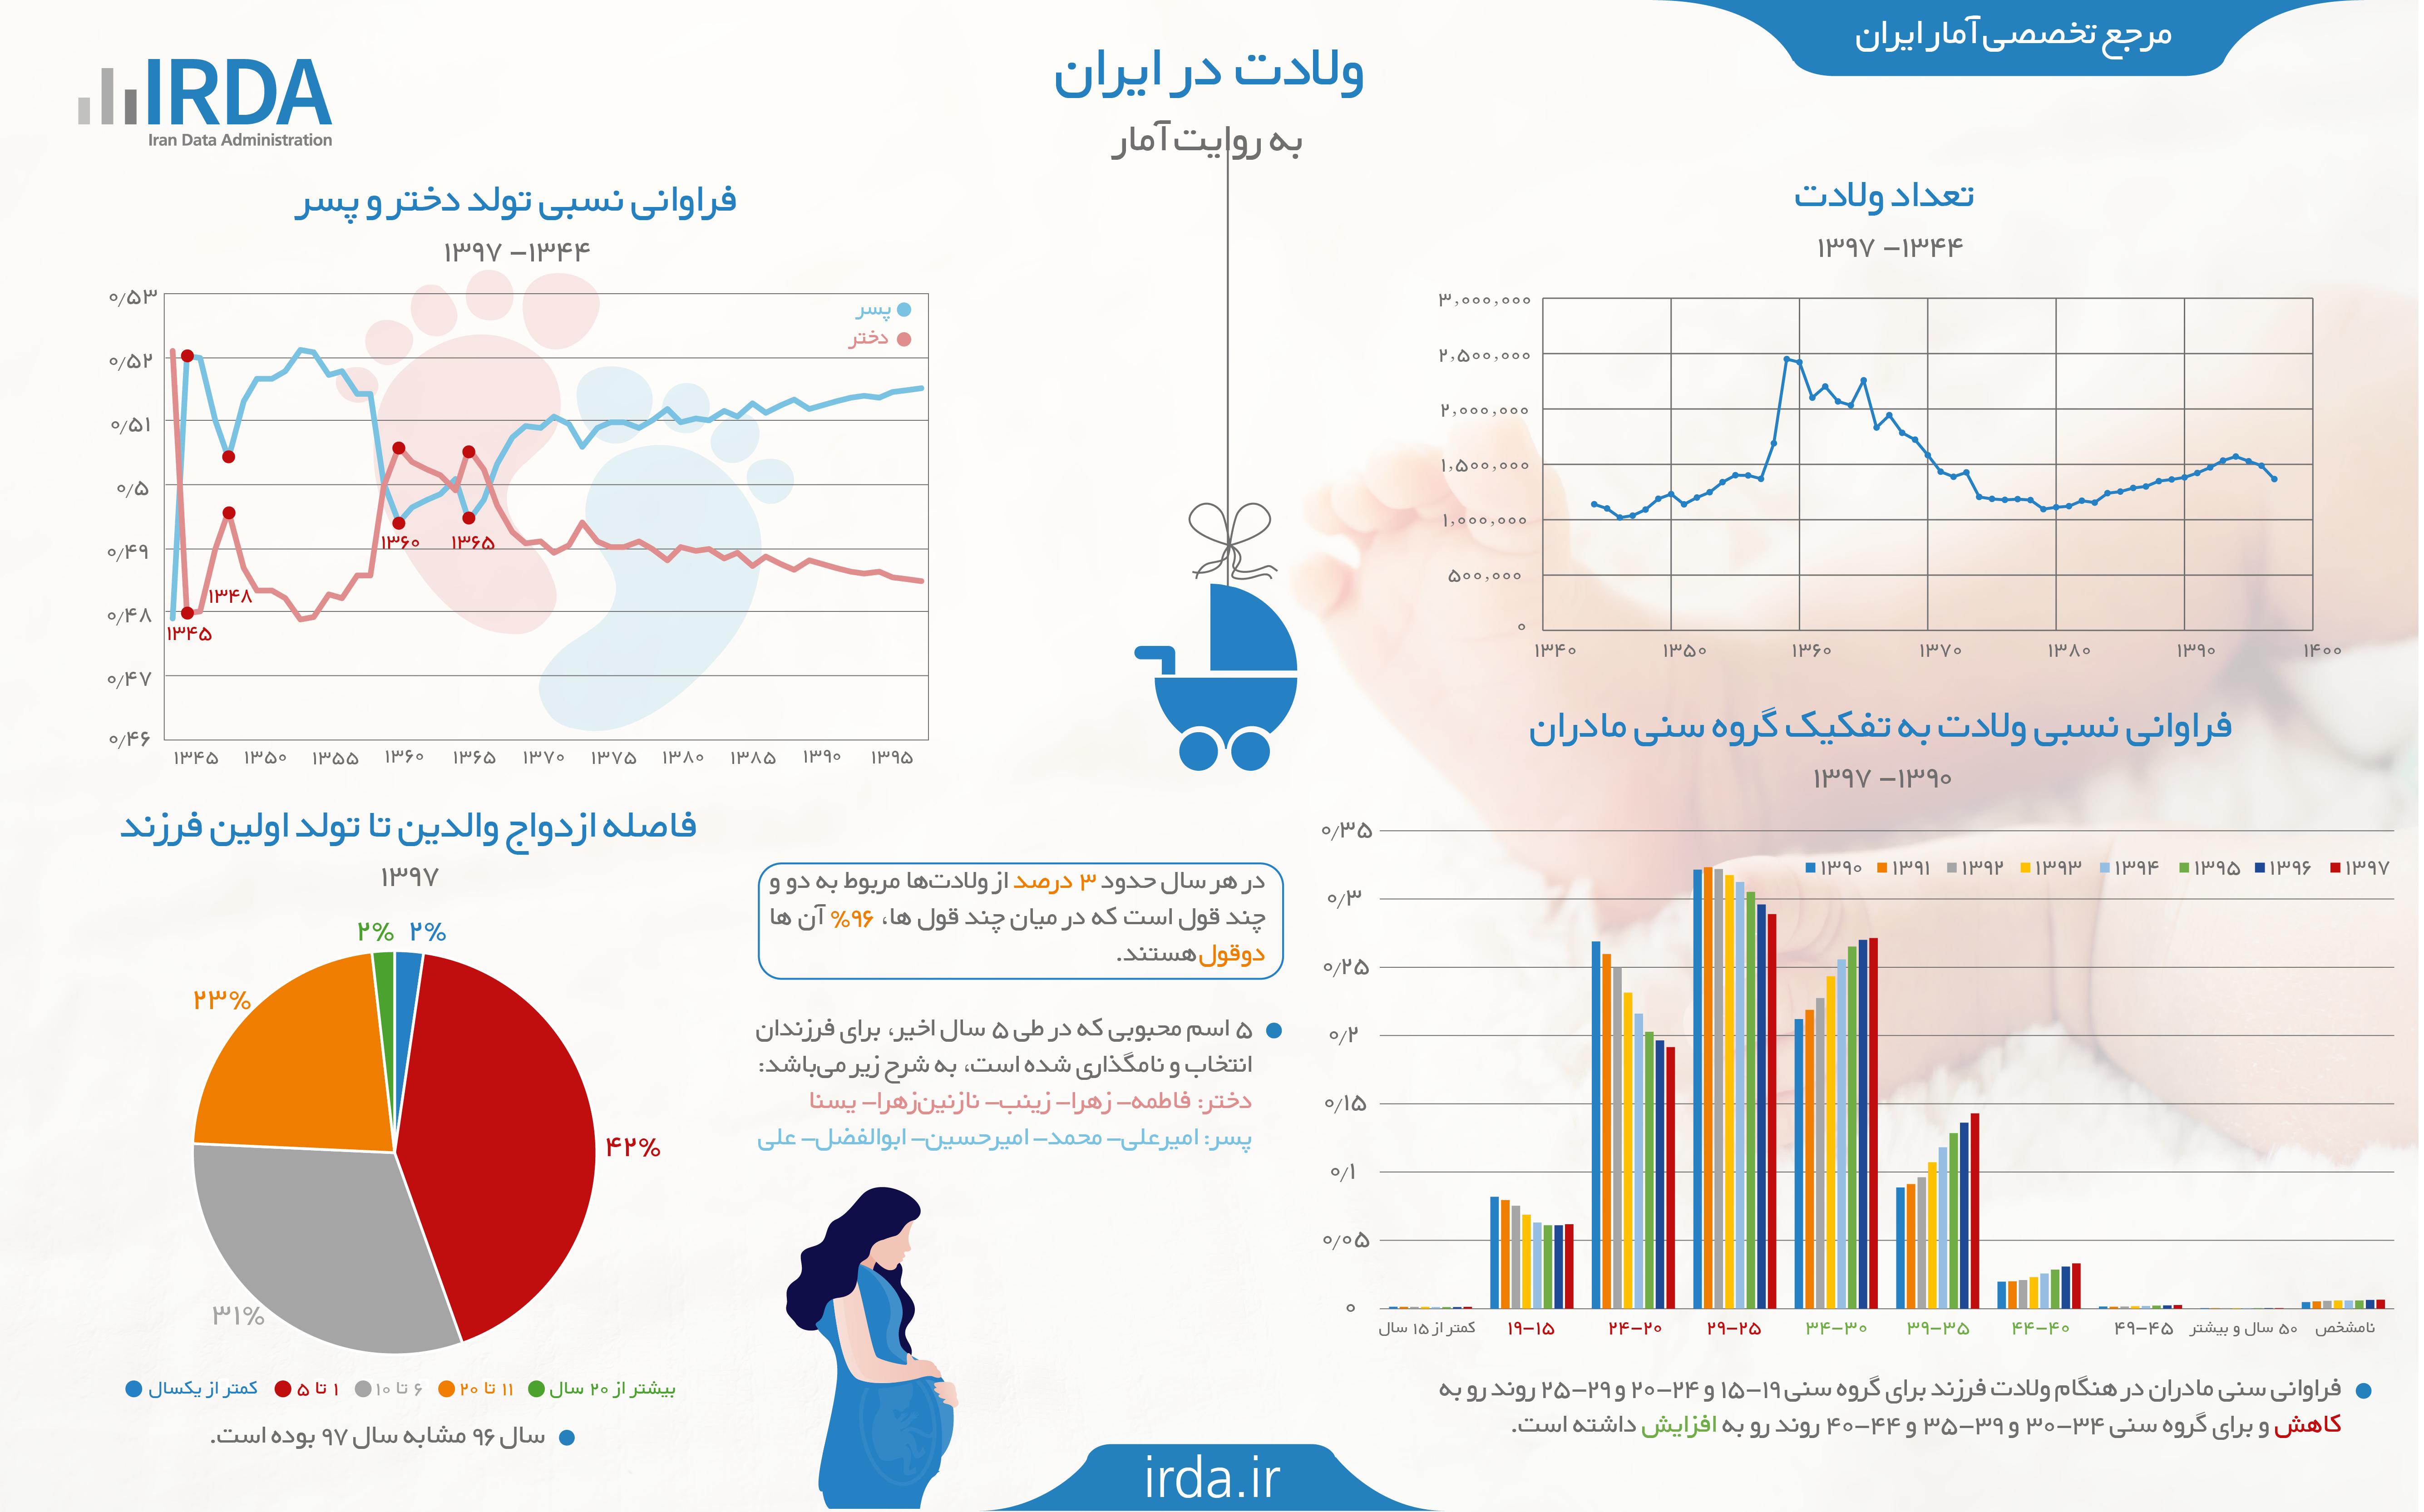 ولادت در ایران به روایت آمار